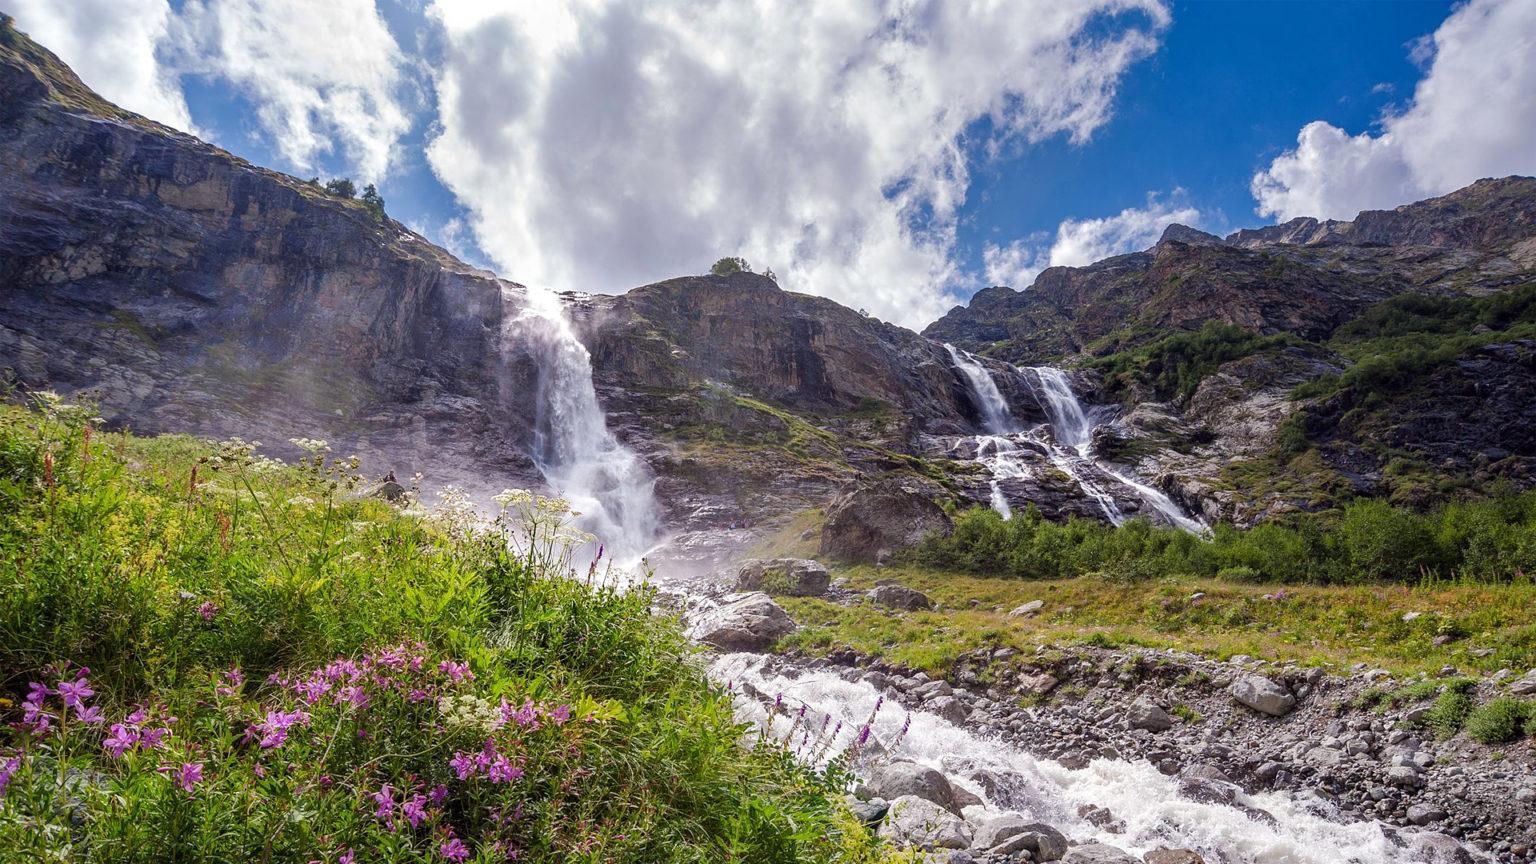 кошек норвежская архыз софийские водопады как добраться фото купюры фотографиям